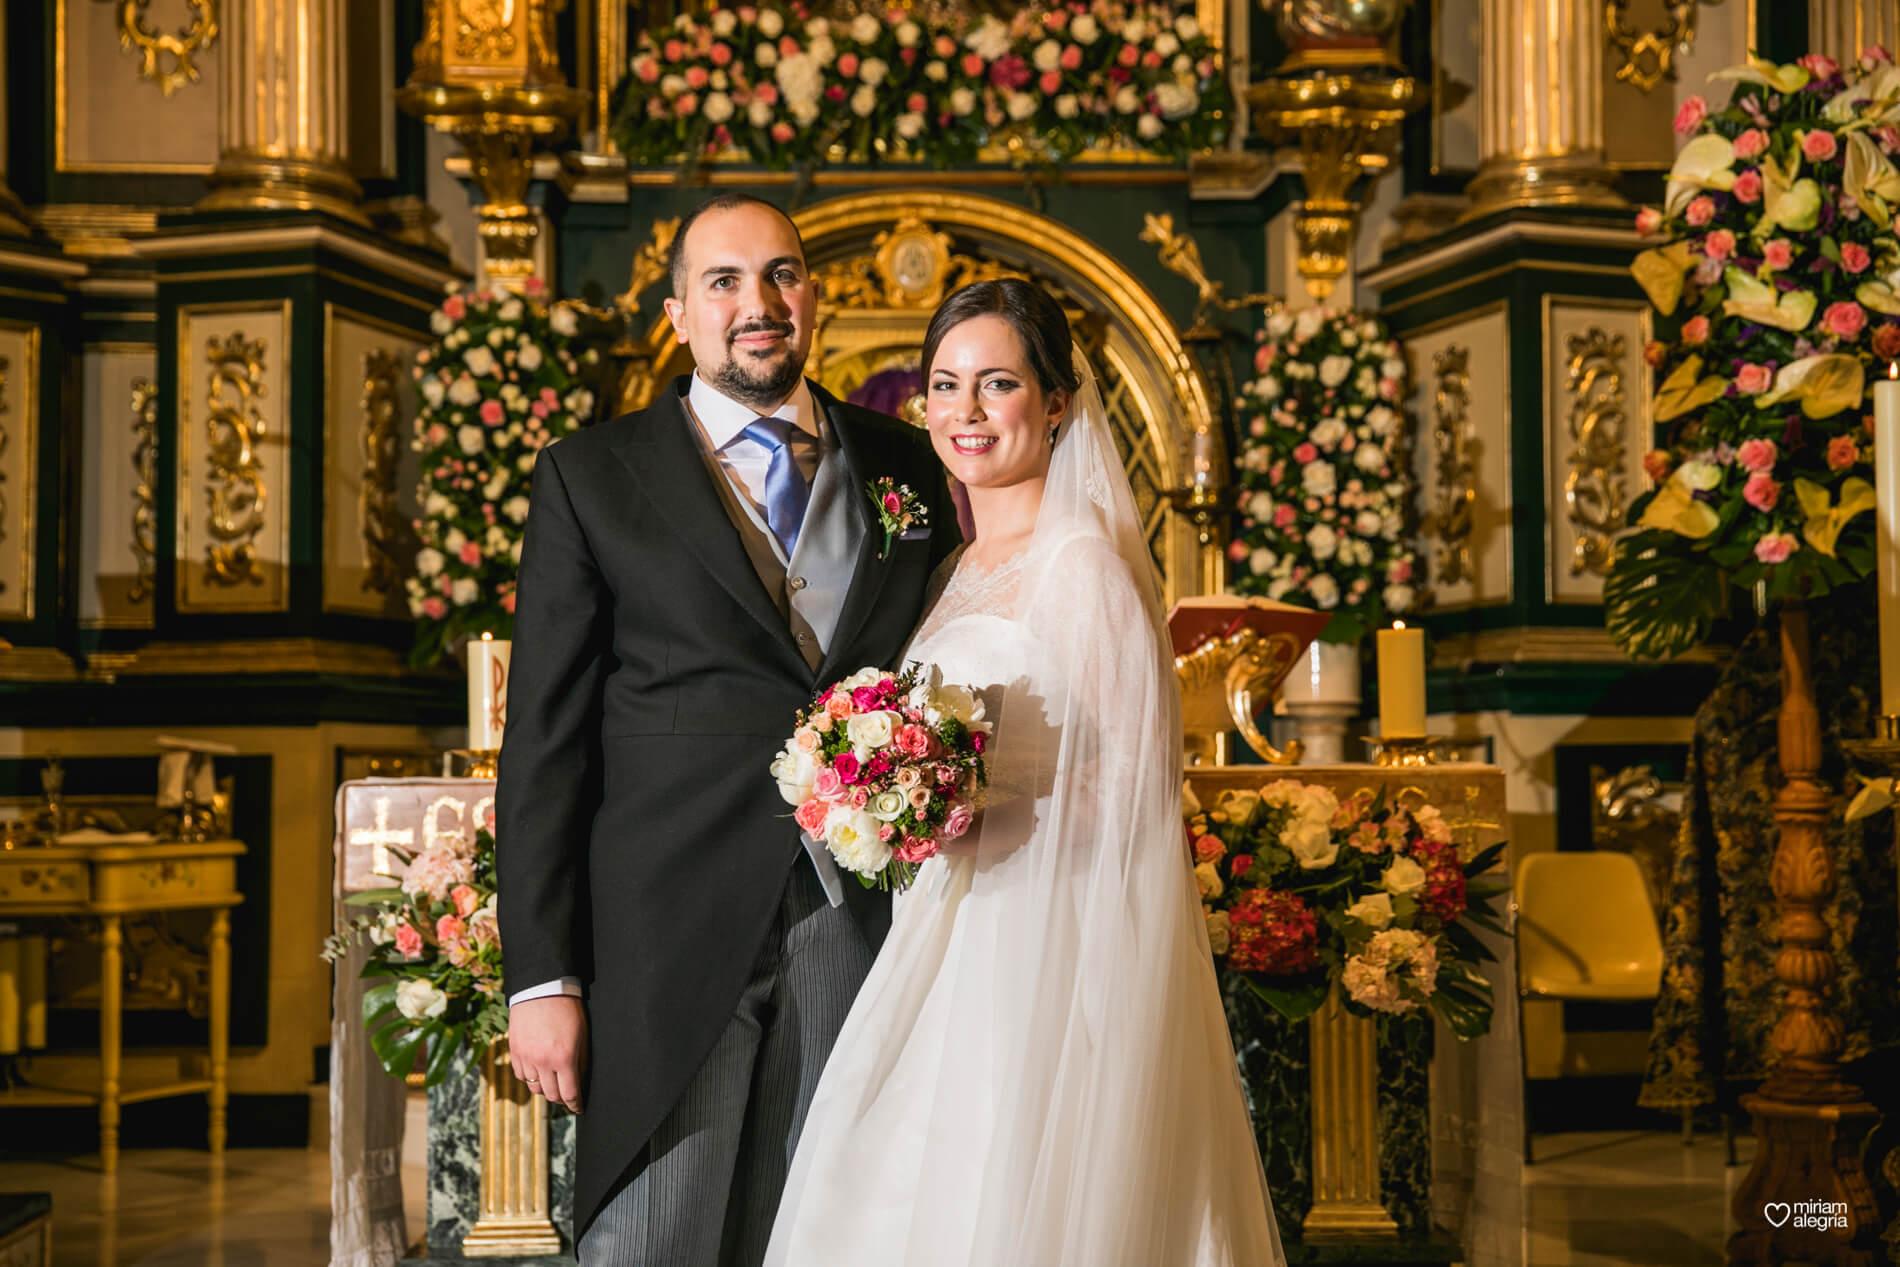 boda-en-el-rincon-huertano-miriam-alegria-fotografos-boda-murcia-85